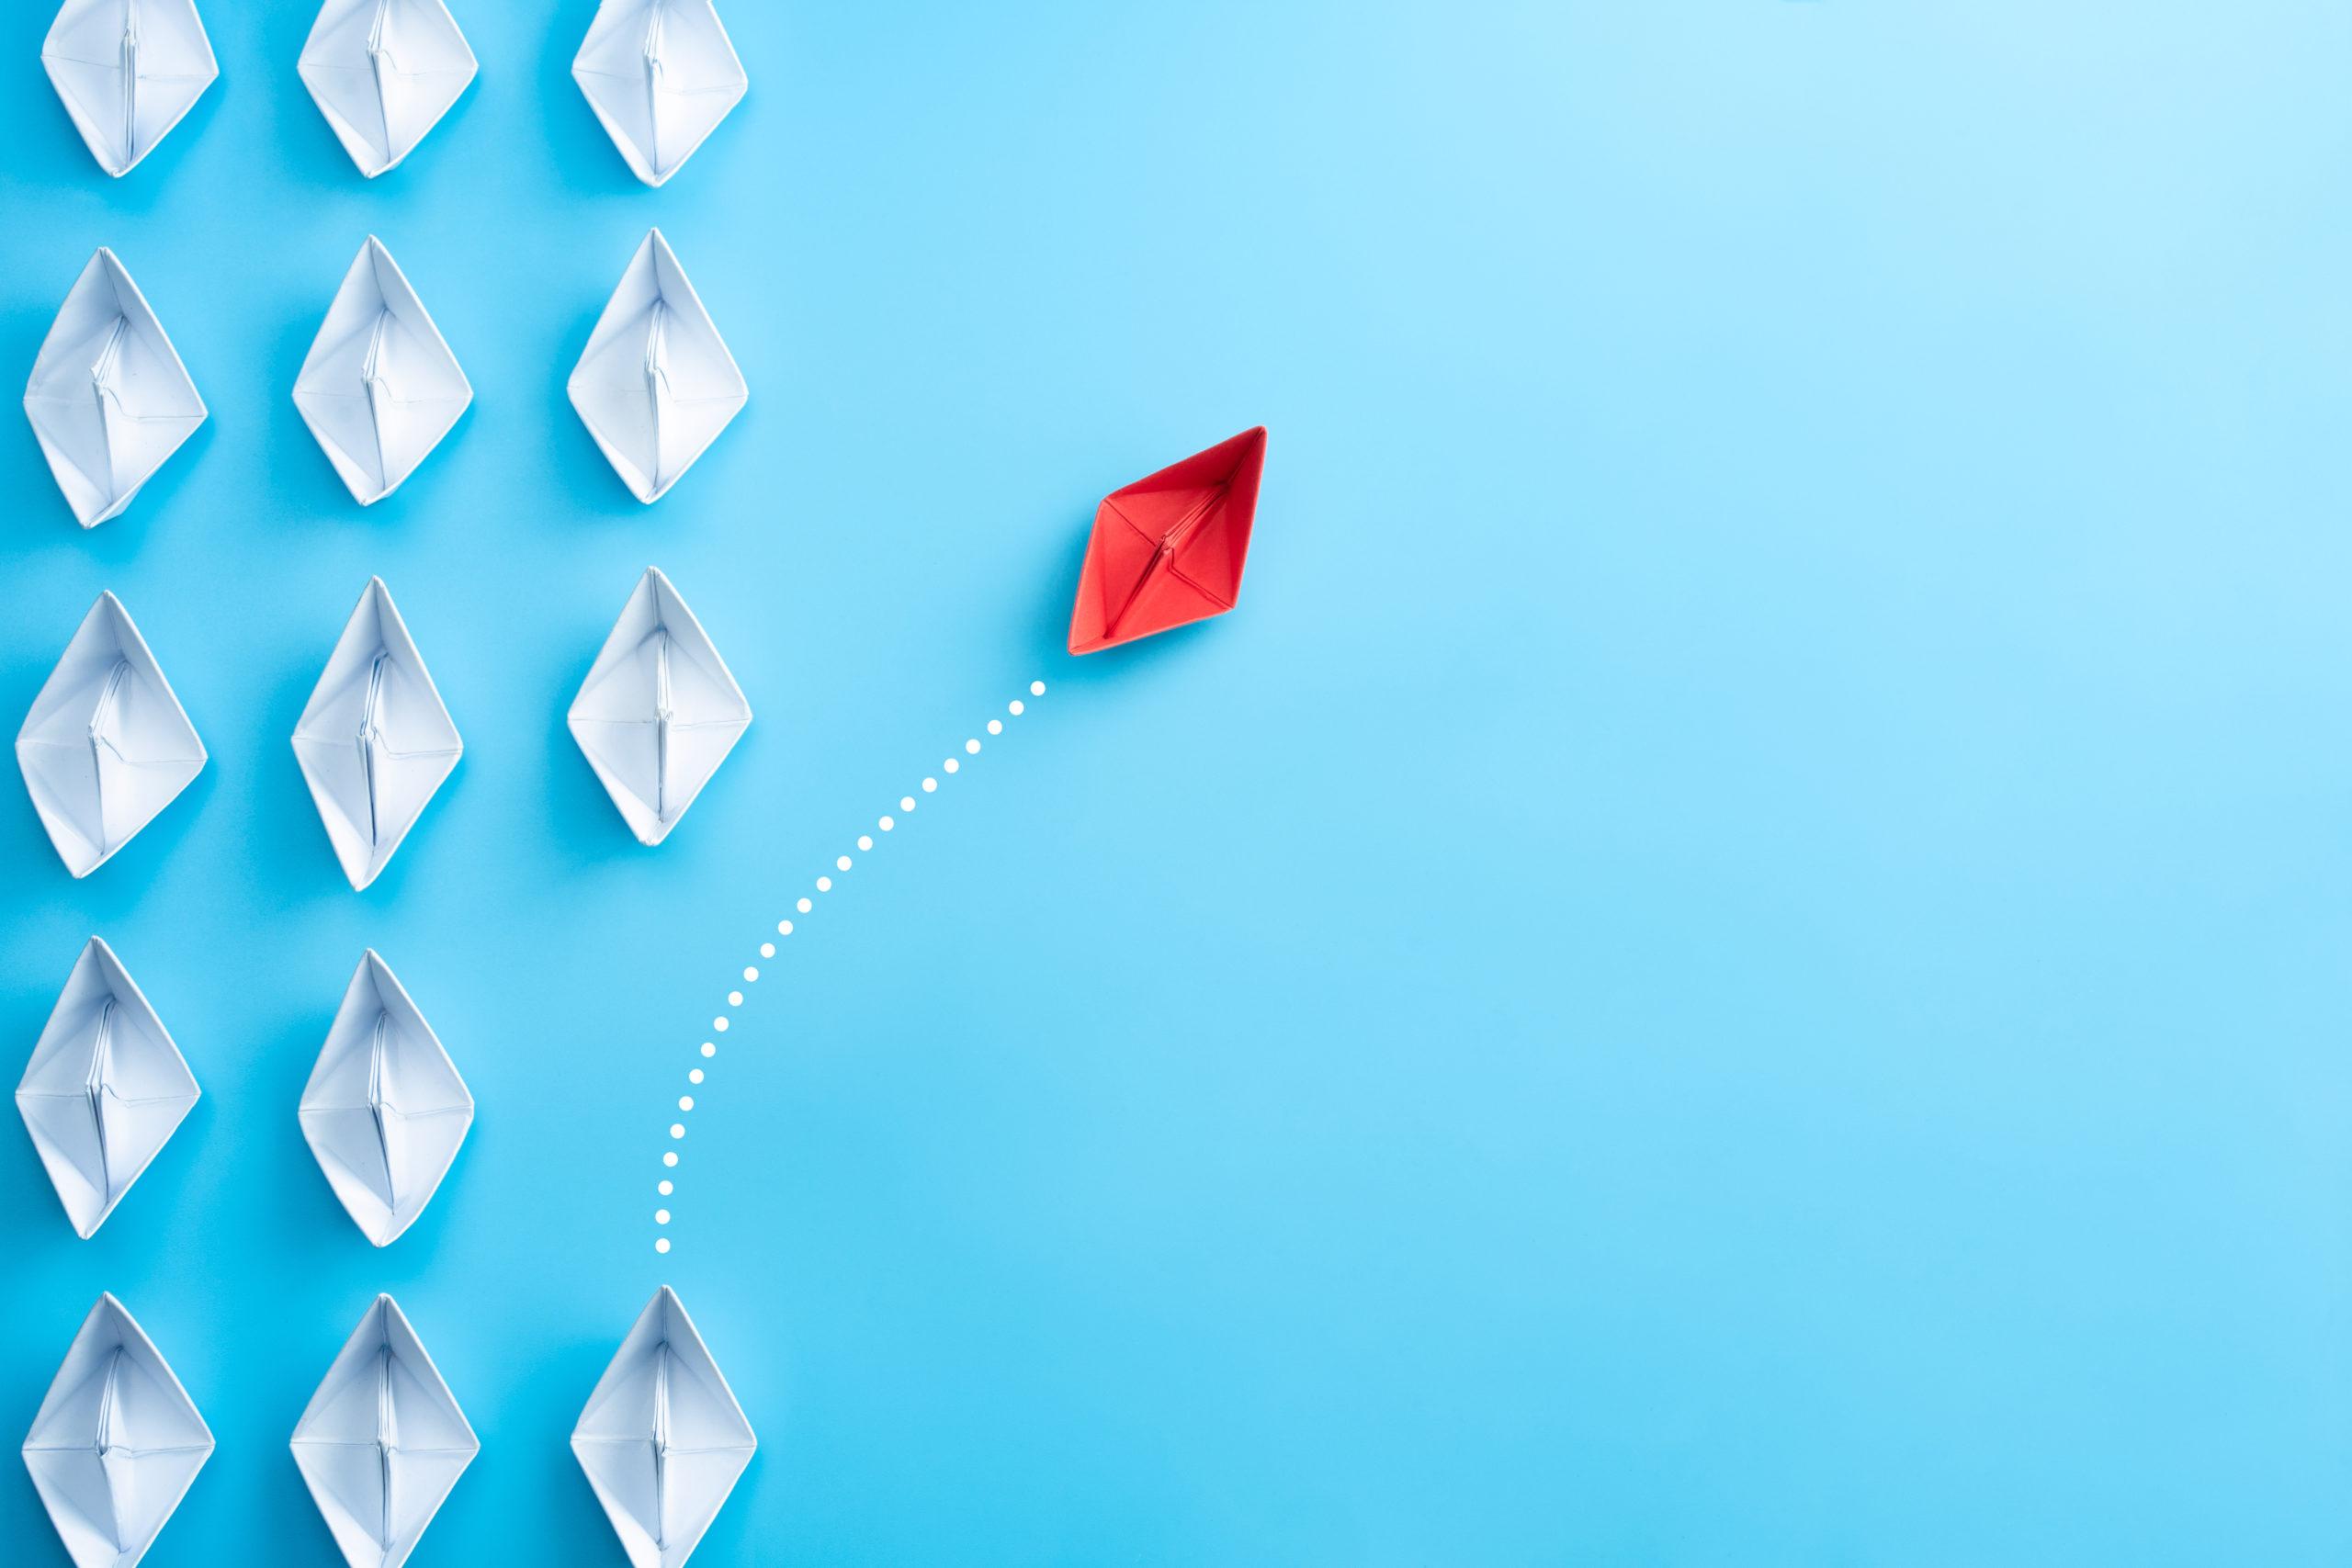 Gruppe von weißem Papier Schiff in eine Richtung und ein rotes Papier Schiff zeigt in verschiedene Richtung auf blauem Hintergrund. / Bild von links angeordneten weißen Papier Schiffen mit einem roten Schiff, der von dem Rest abweicht